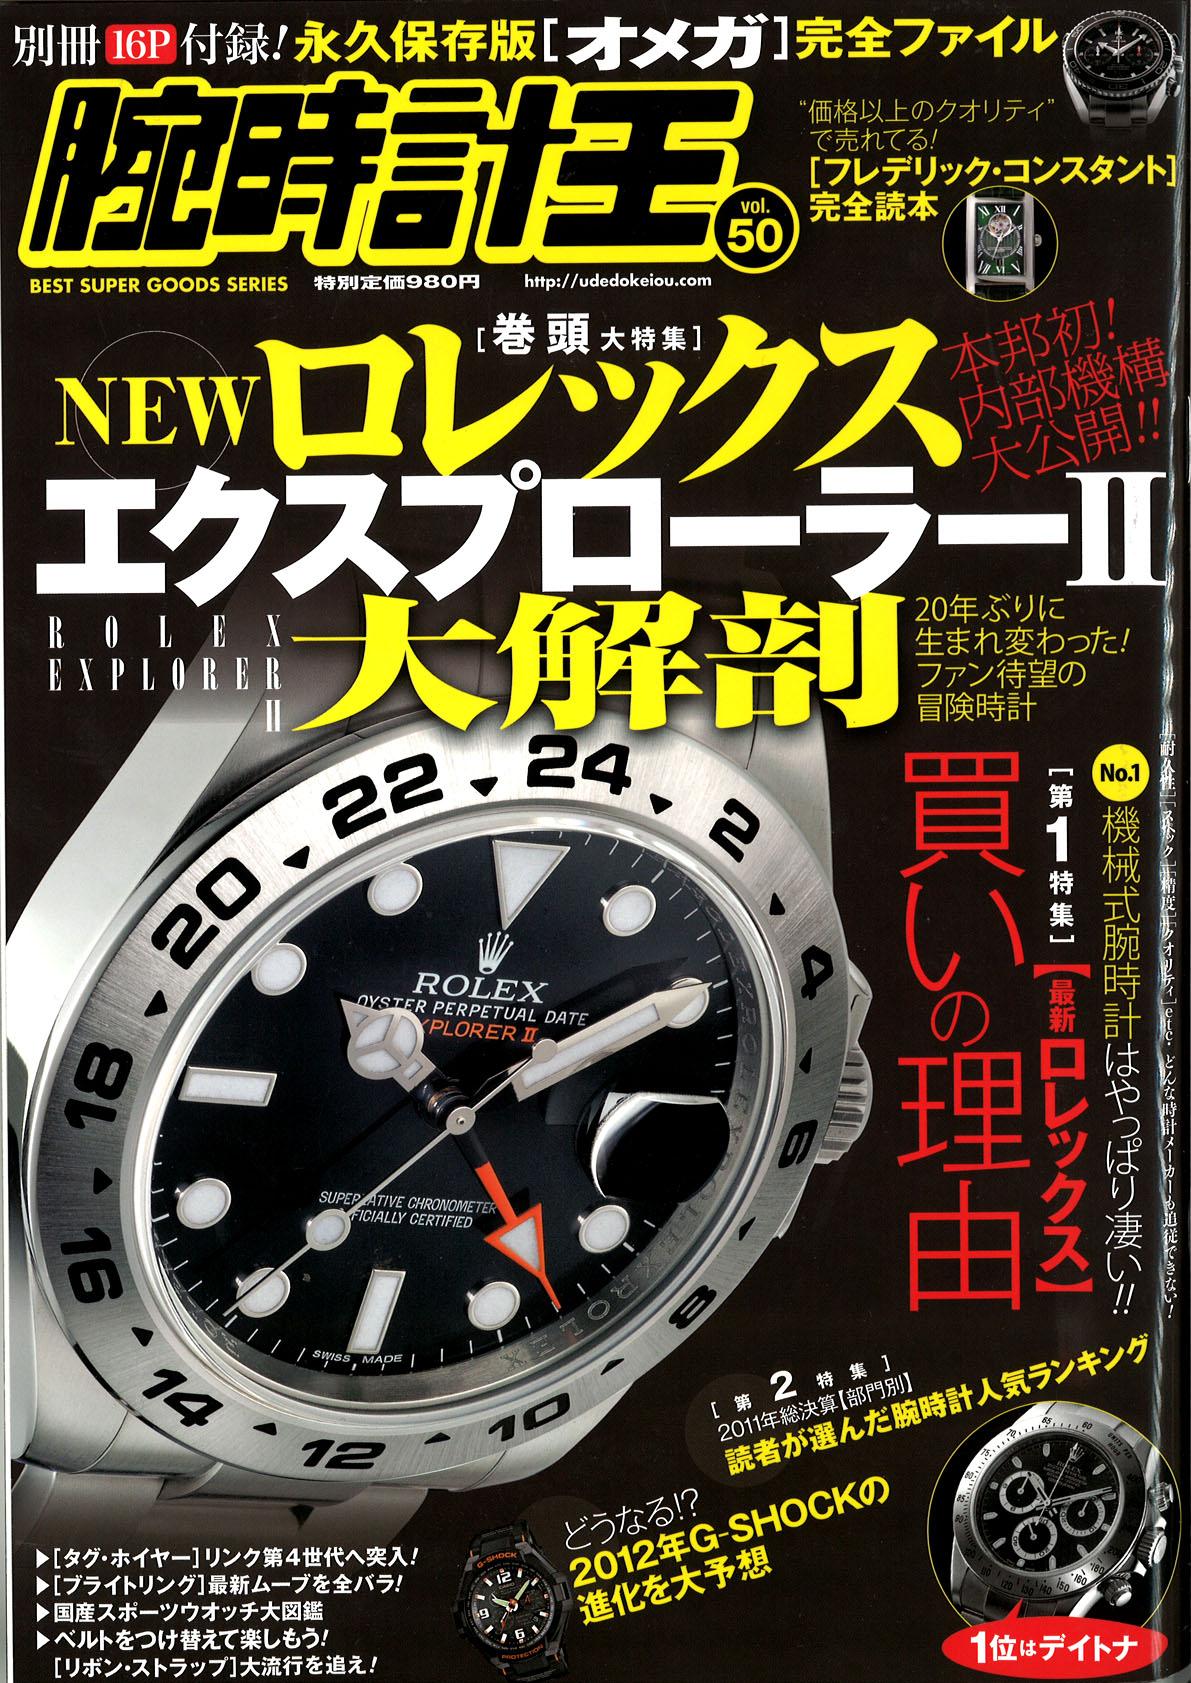 腕時計王Vol.50表紙